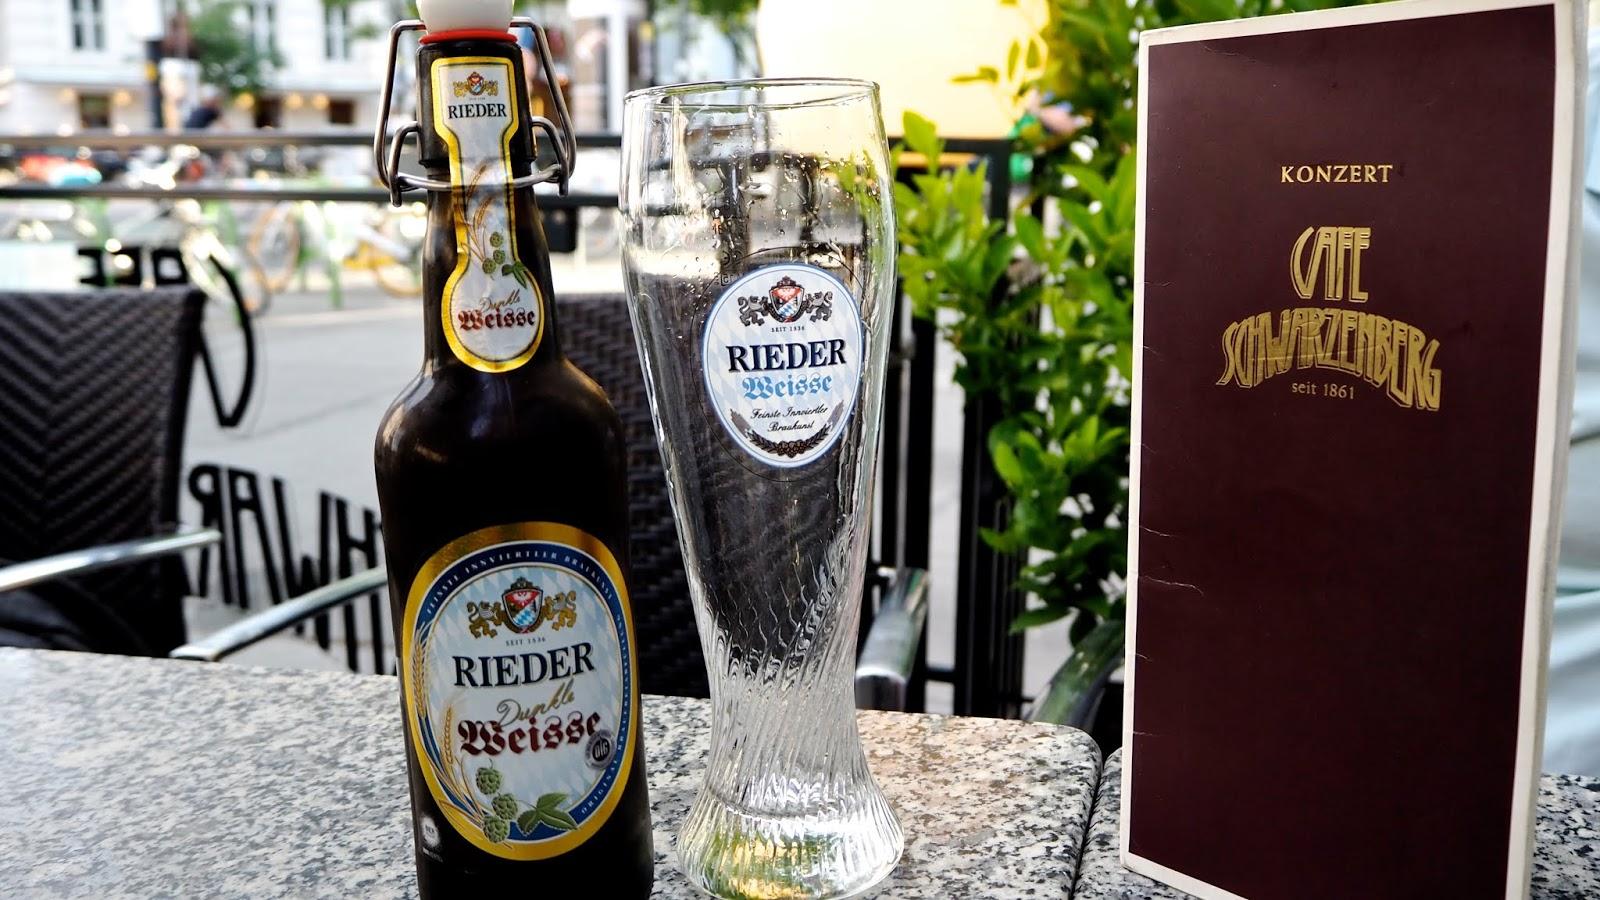 Viennese Beer